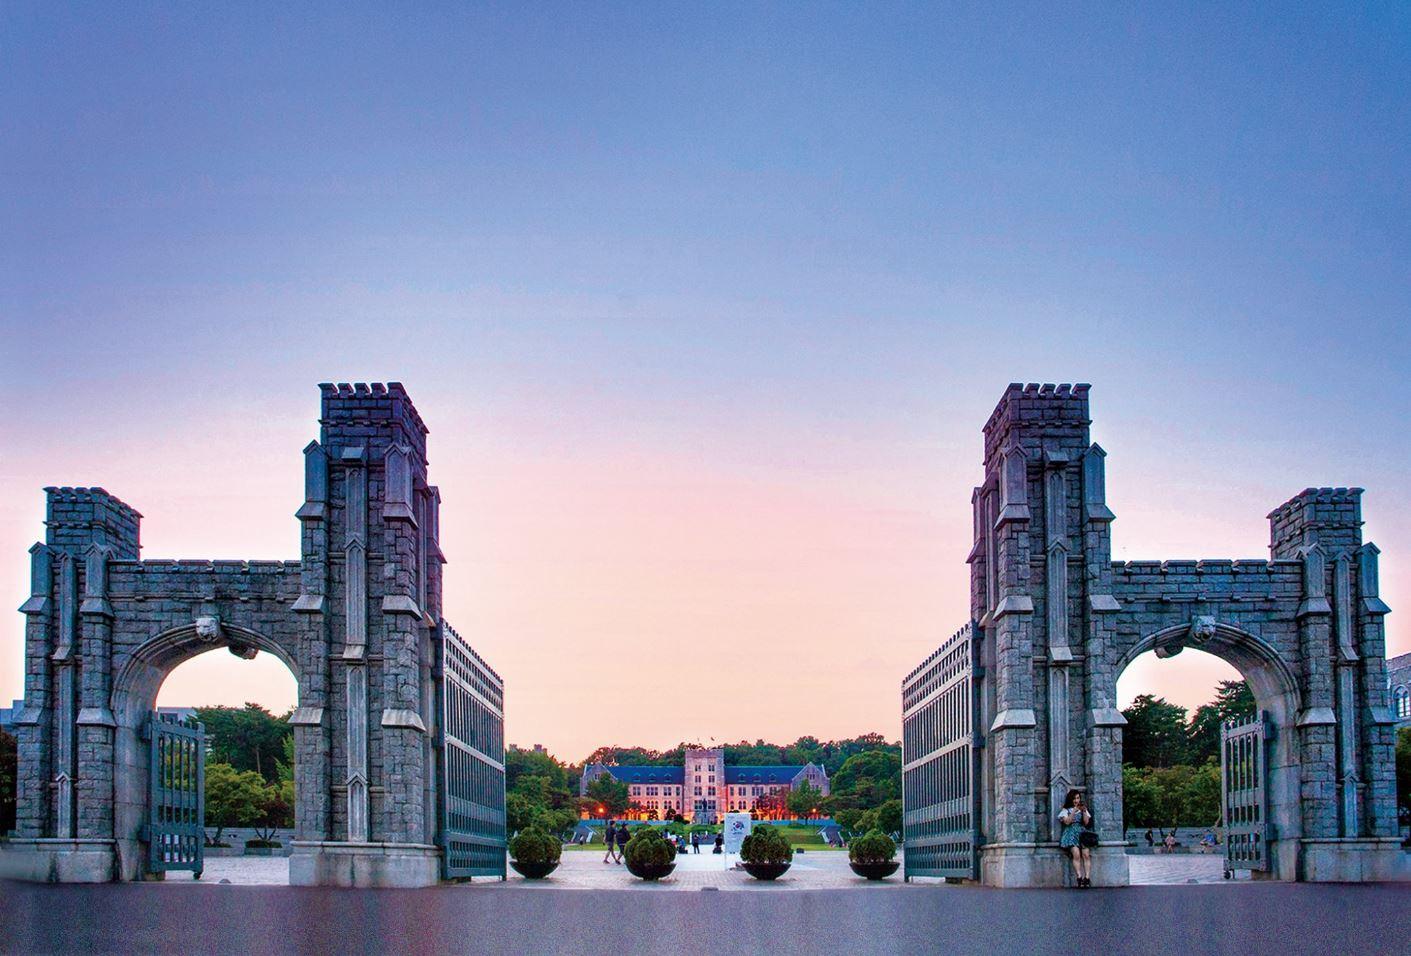 韓國教育費的影響是48.2%,排在英國後面。最富有的10%比起最下位的10%,升進韓國名門大學SKY的機會高達5倍~ 但最近比起單單的「教育」,有另外更重要的要素?!